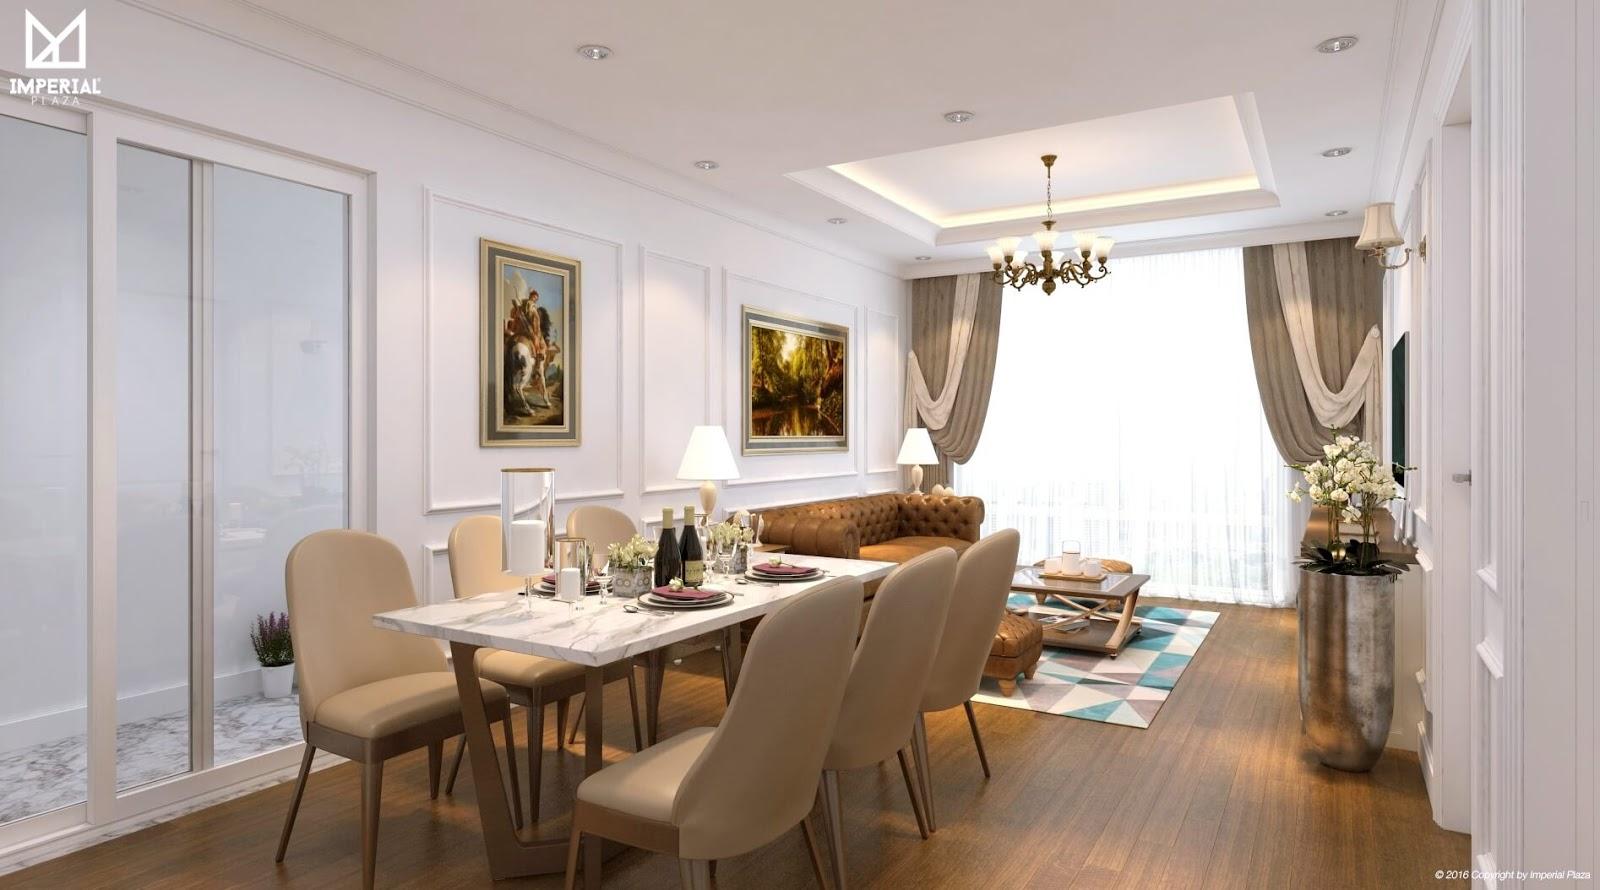 Hình ảnh căn hộ mẫu chung cư Imperial Plaza